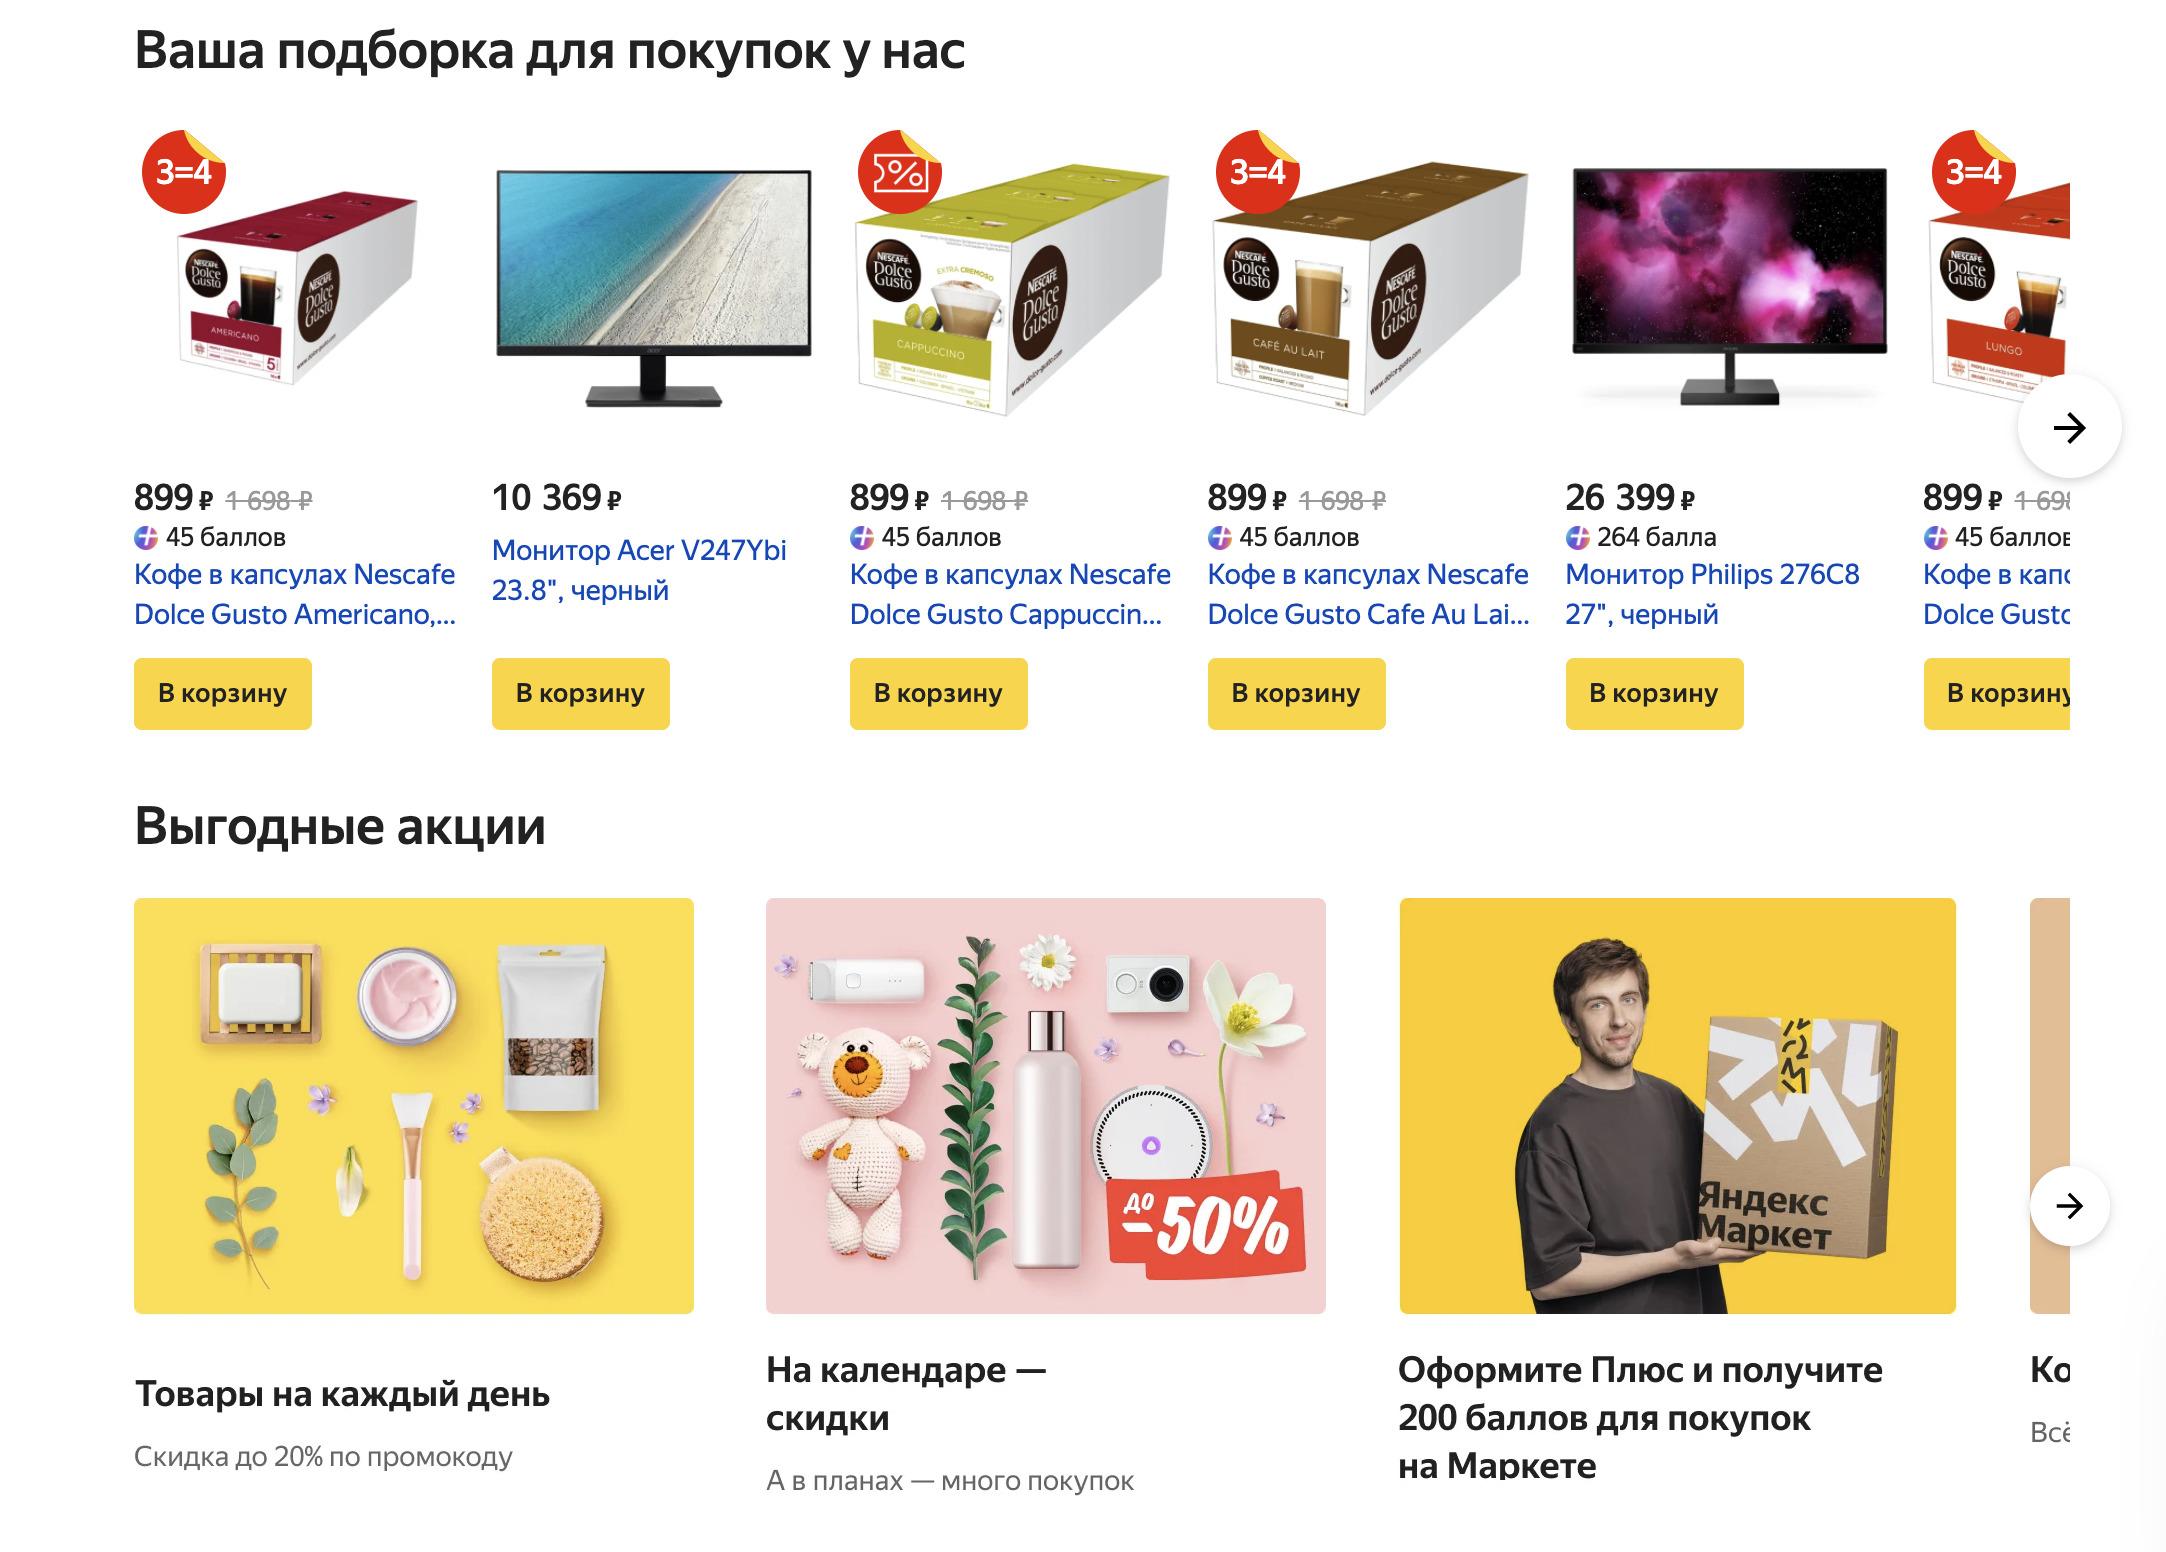 Доставка из Яндекс.Маркет в Камышин, сроки, пункты выдачи, каталог